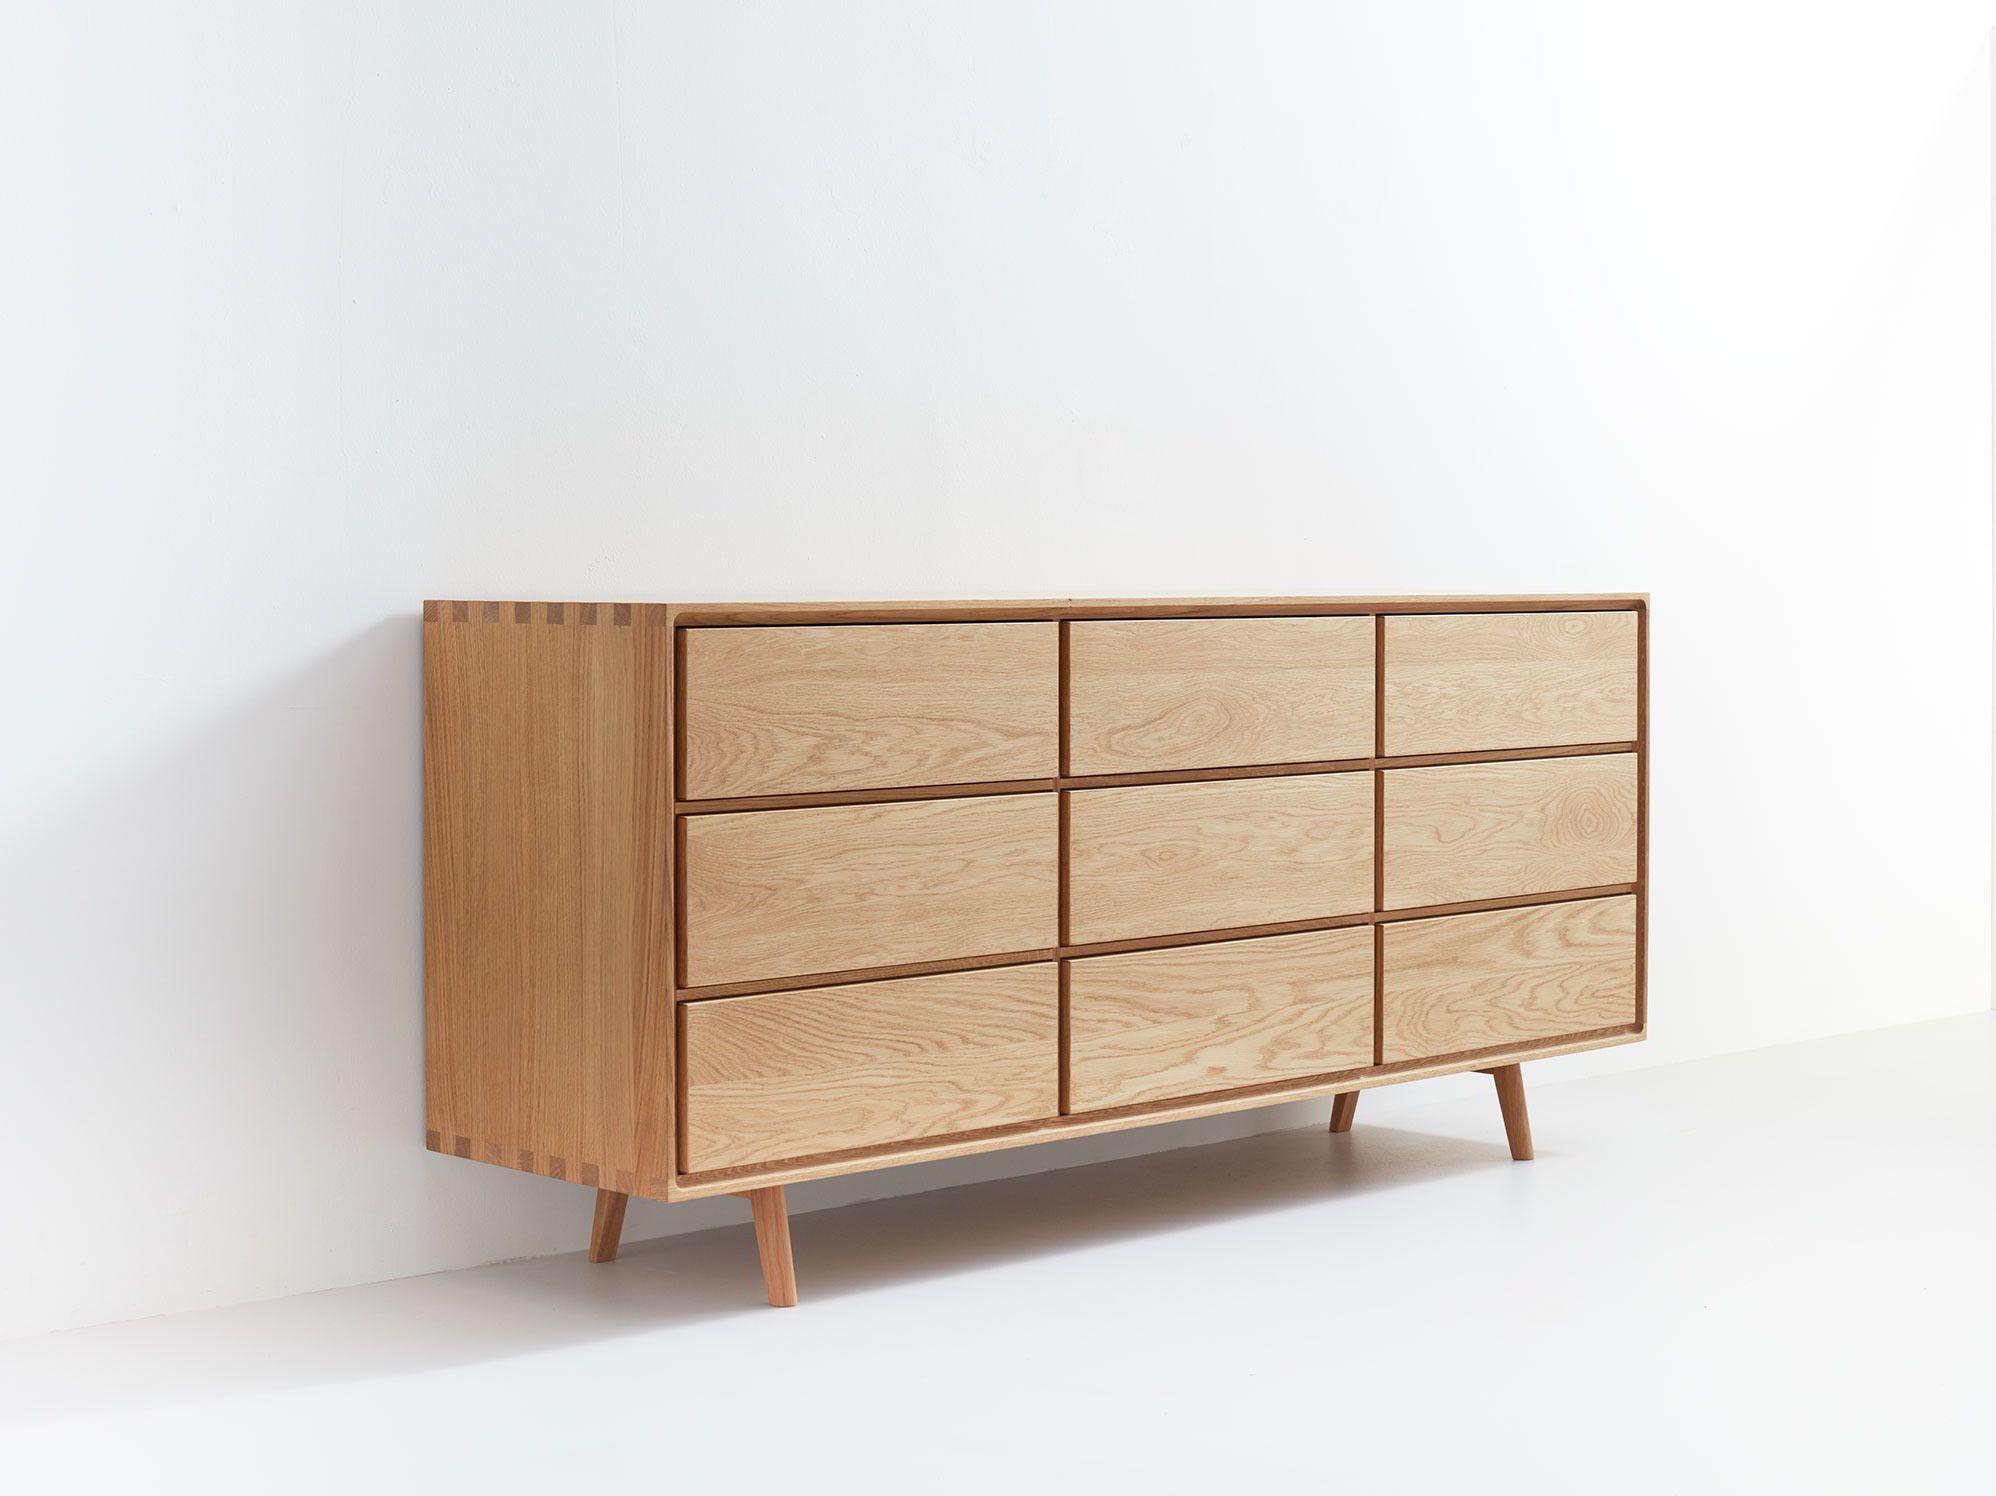 Sideboard Tesoro Mit 9 Laden B 178 X T 45 X H 79 Cm Mobel Wohnzimmer Holzleisten Und Wohnzimmer Sideboard